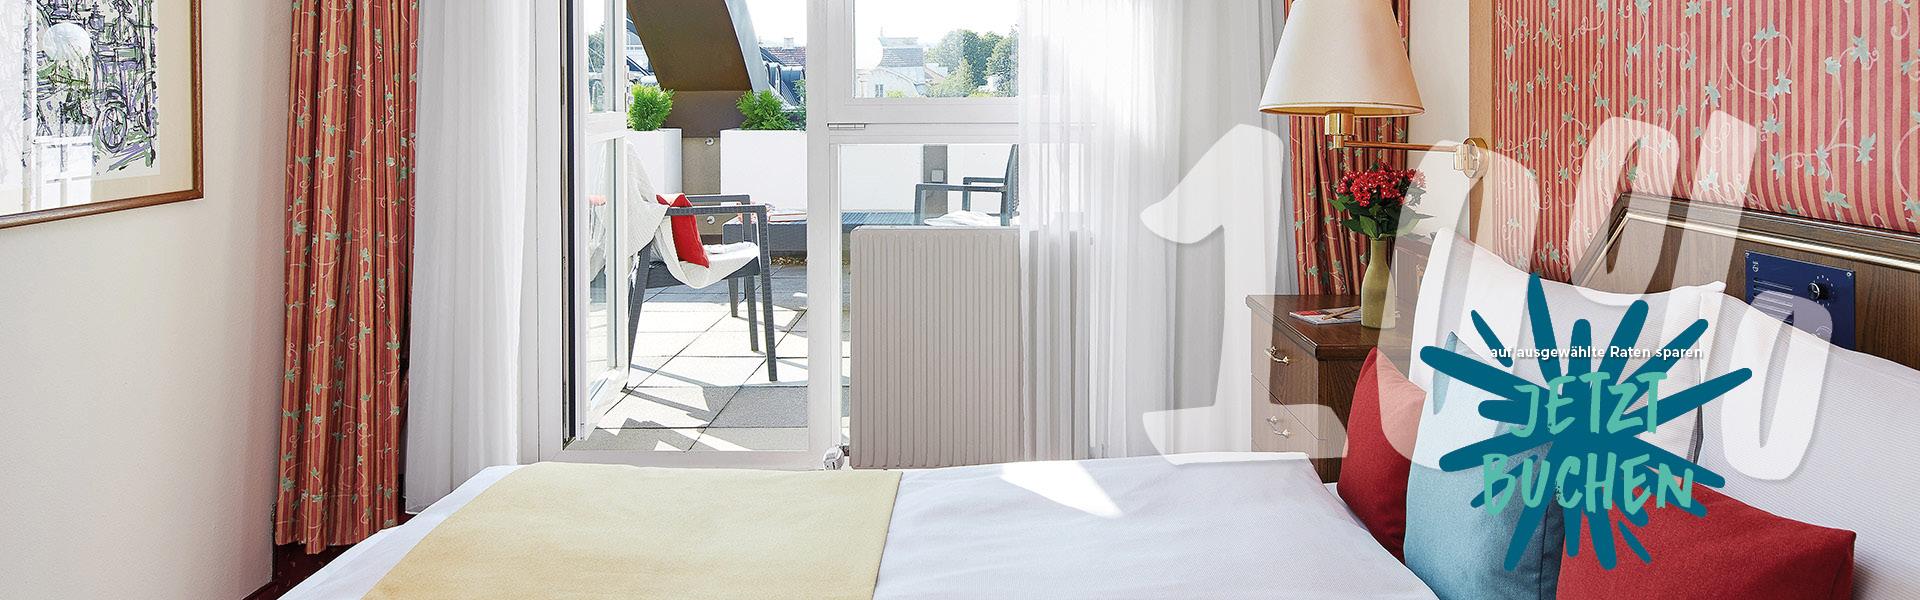 Living Hotels Summer Sale für Kurz und Lang Aufenthalte